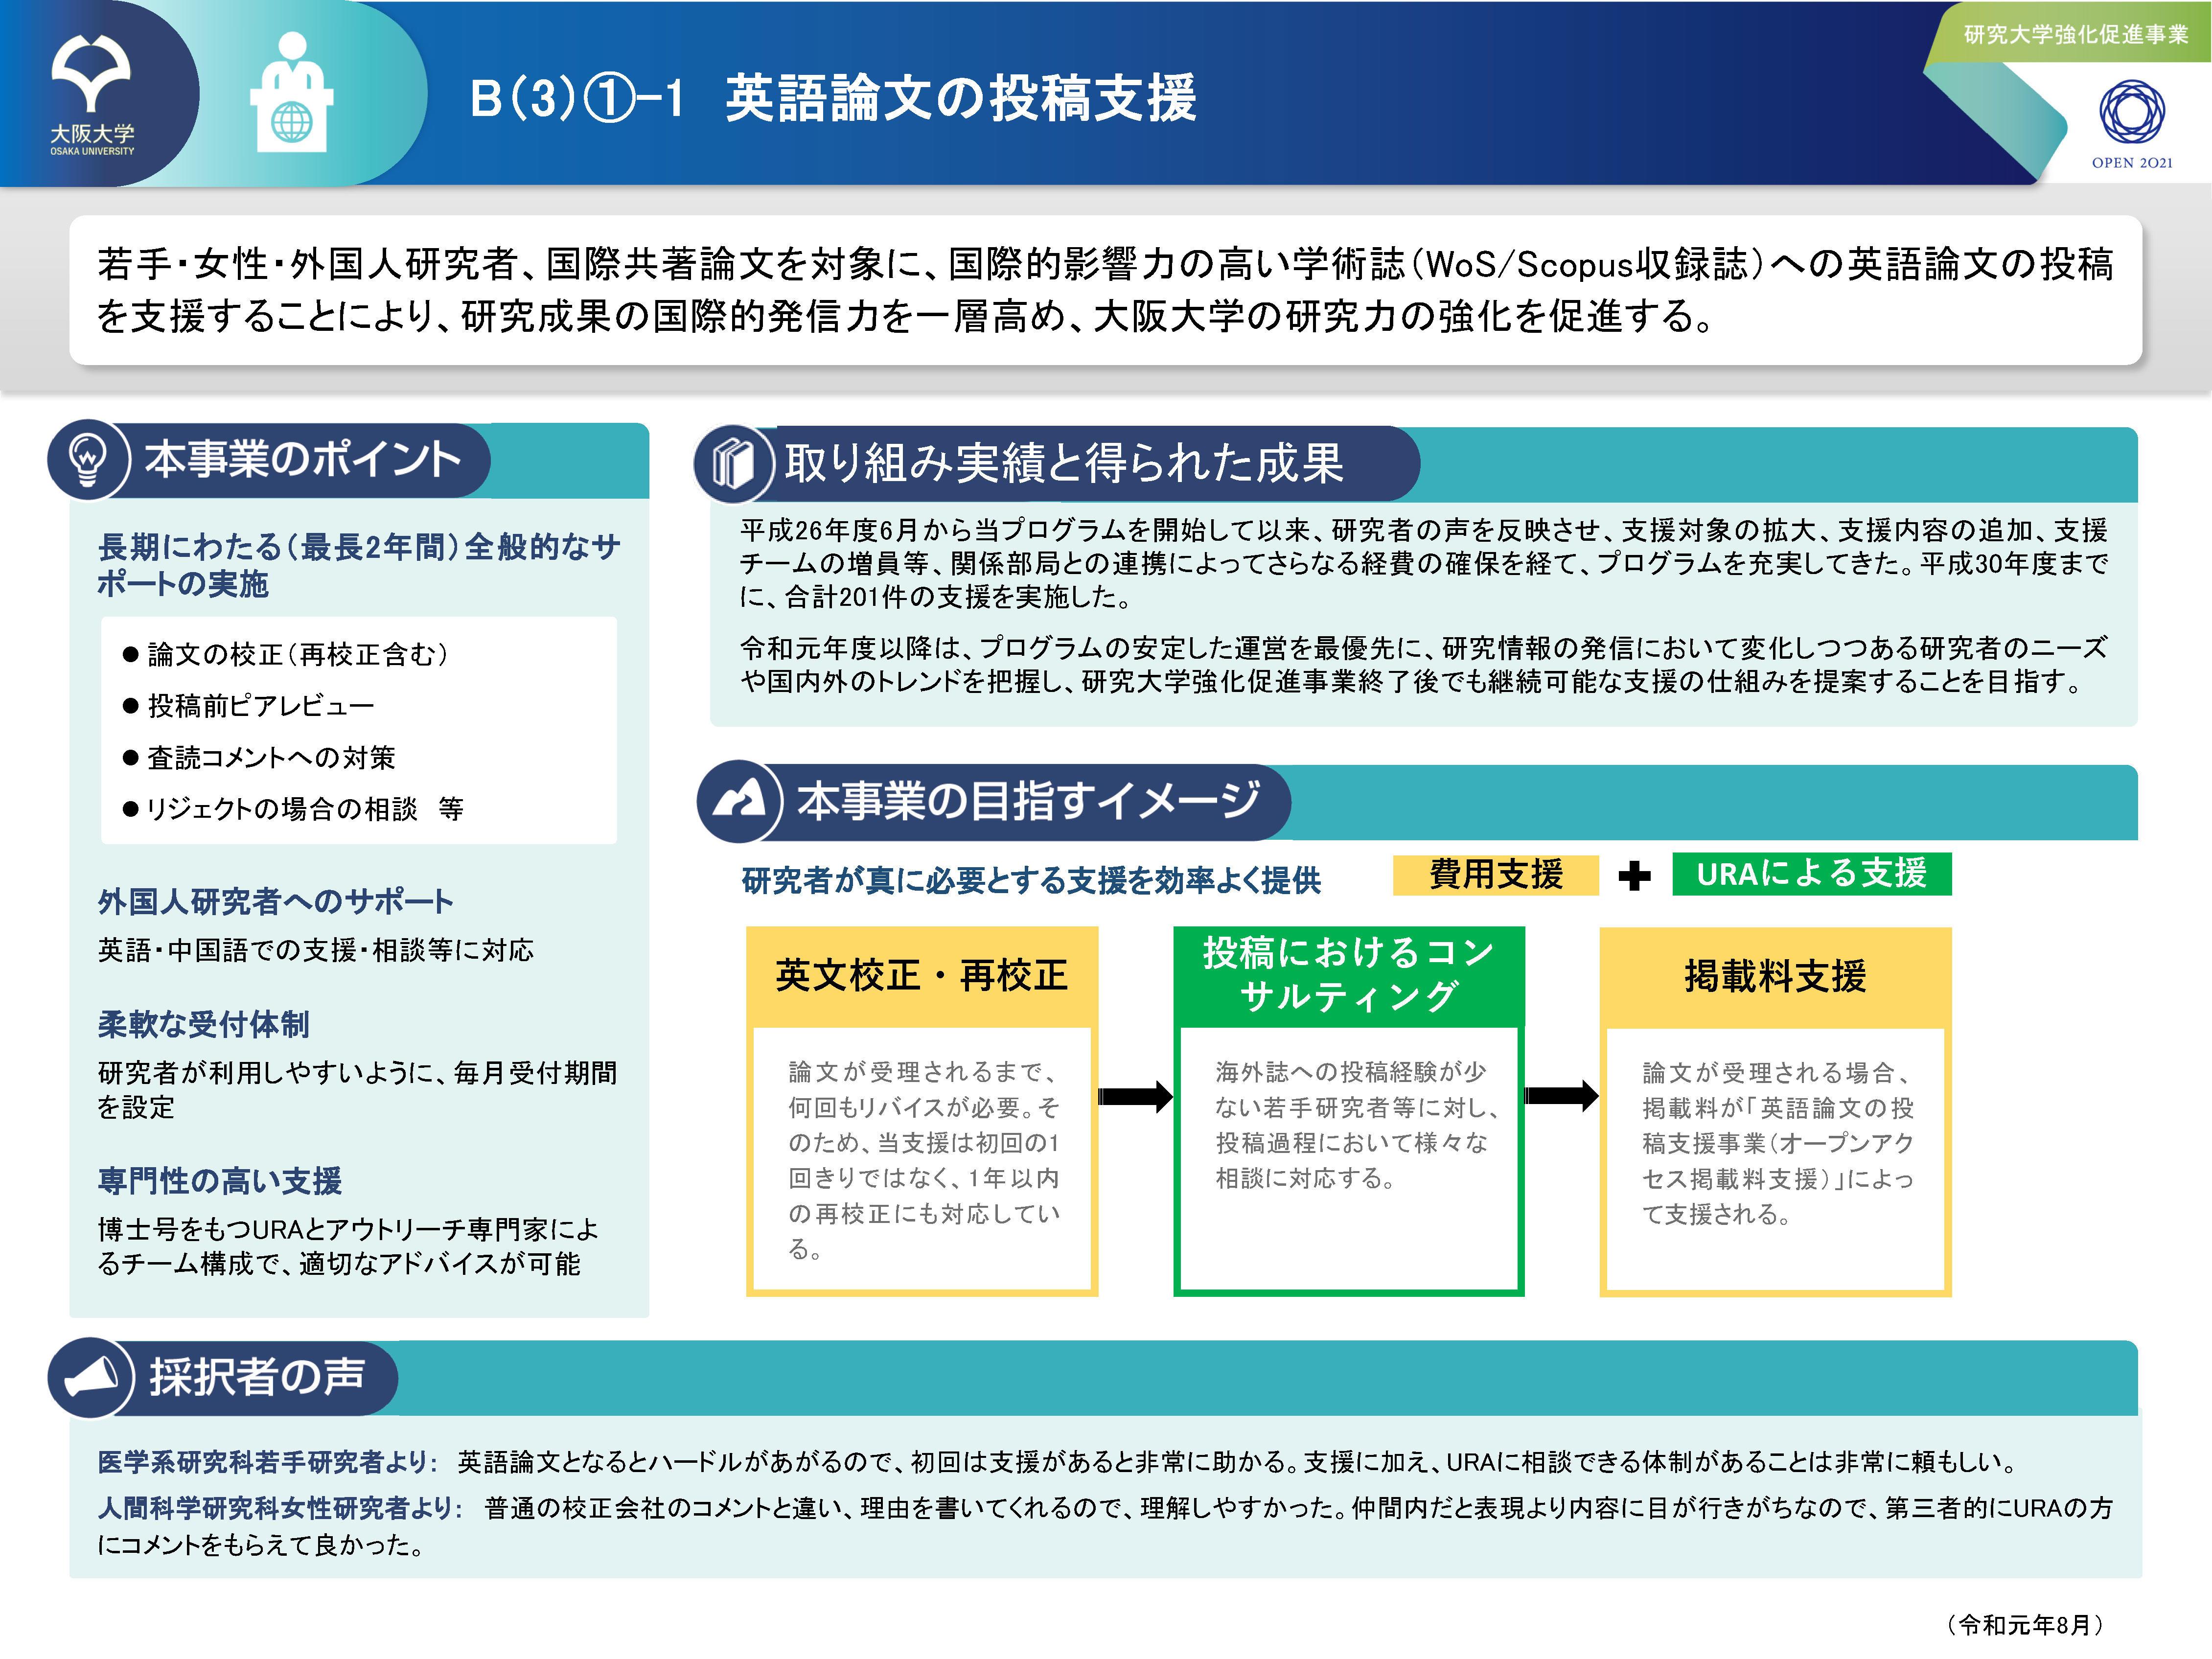 B(3)-1-1 英語論文の投稿支援